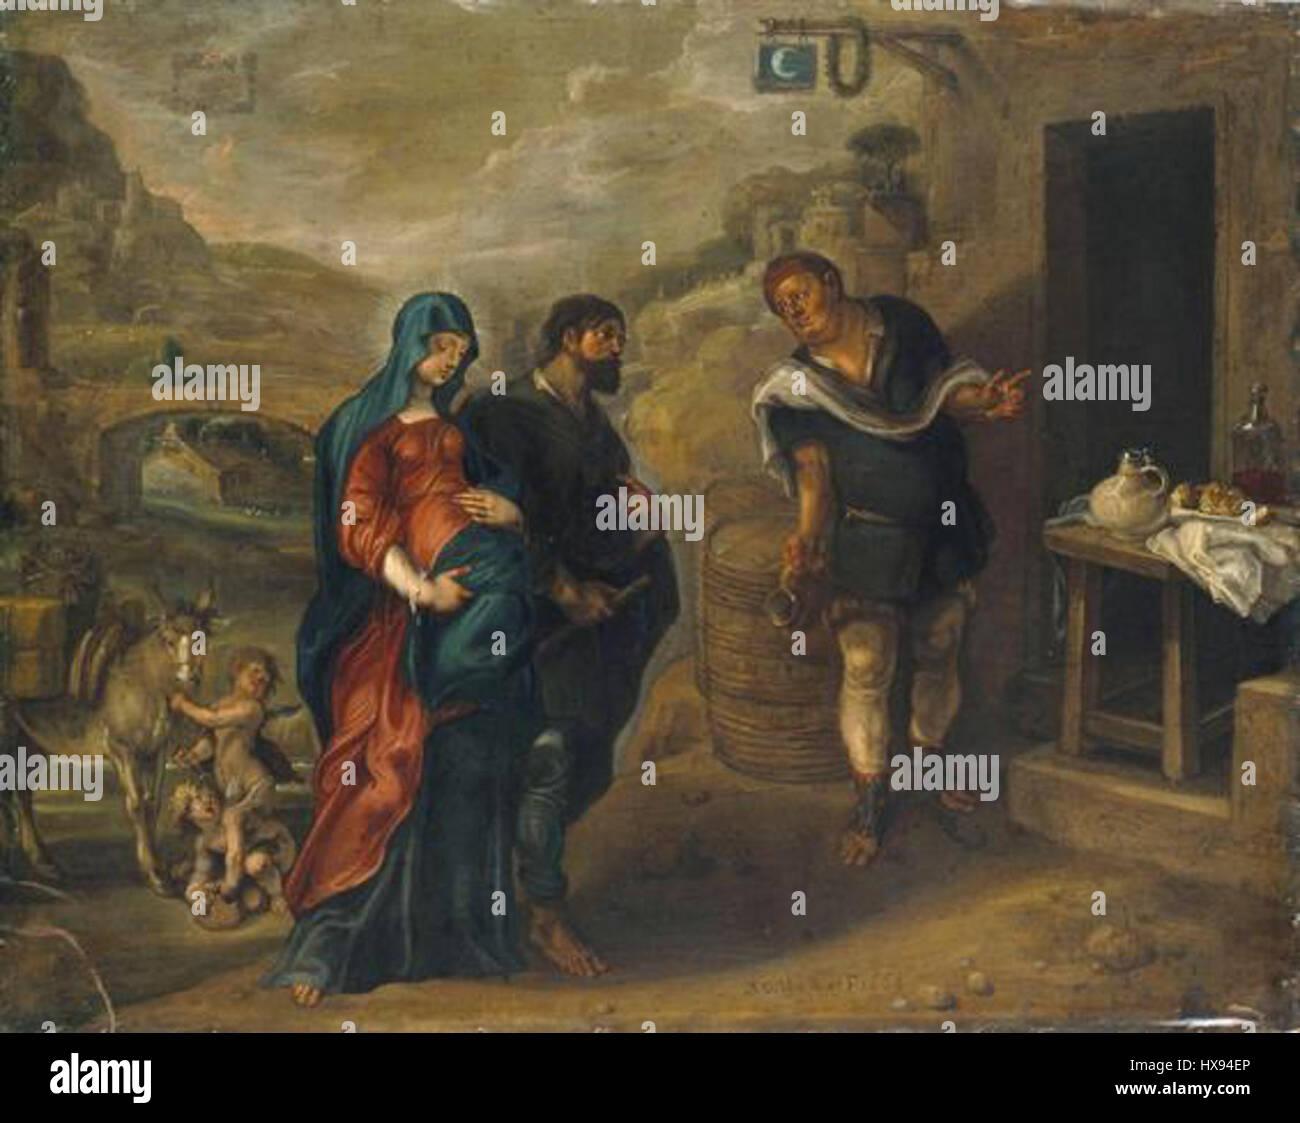 Mary And Joseph Seeking Refuge In Bethlehem Simon De Vos